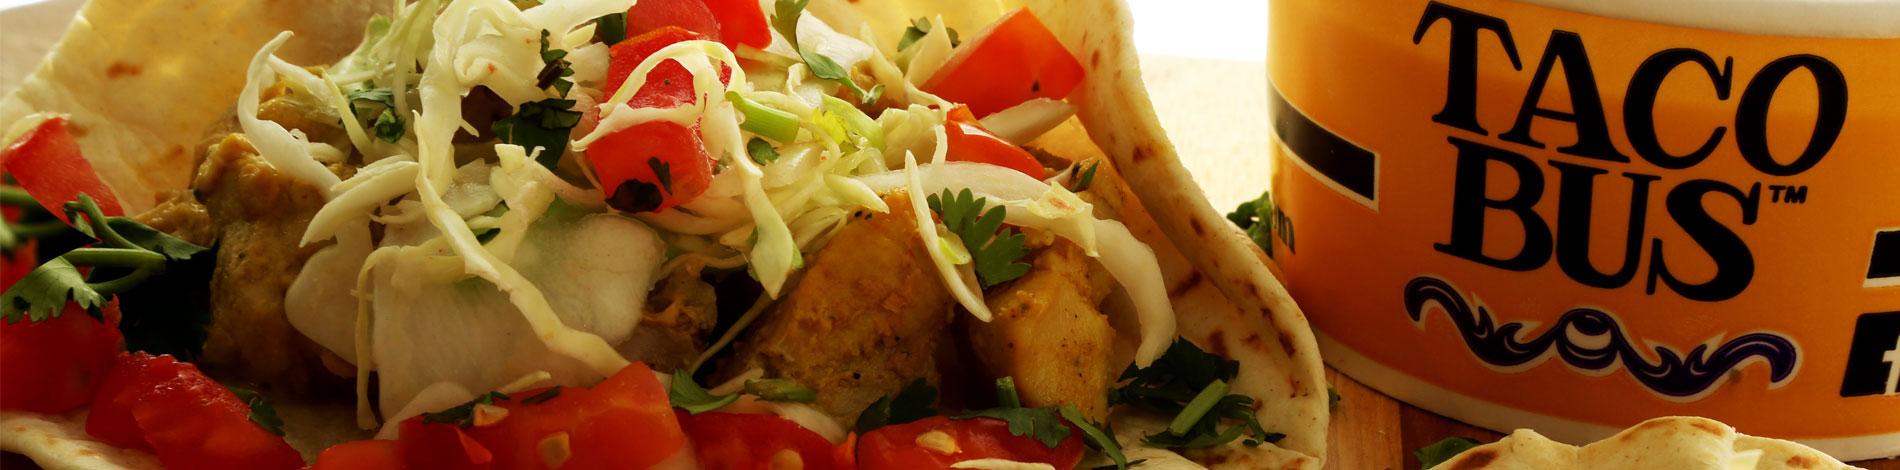 Taco Bus Tacos and Salsa